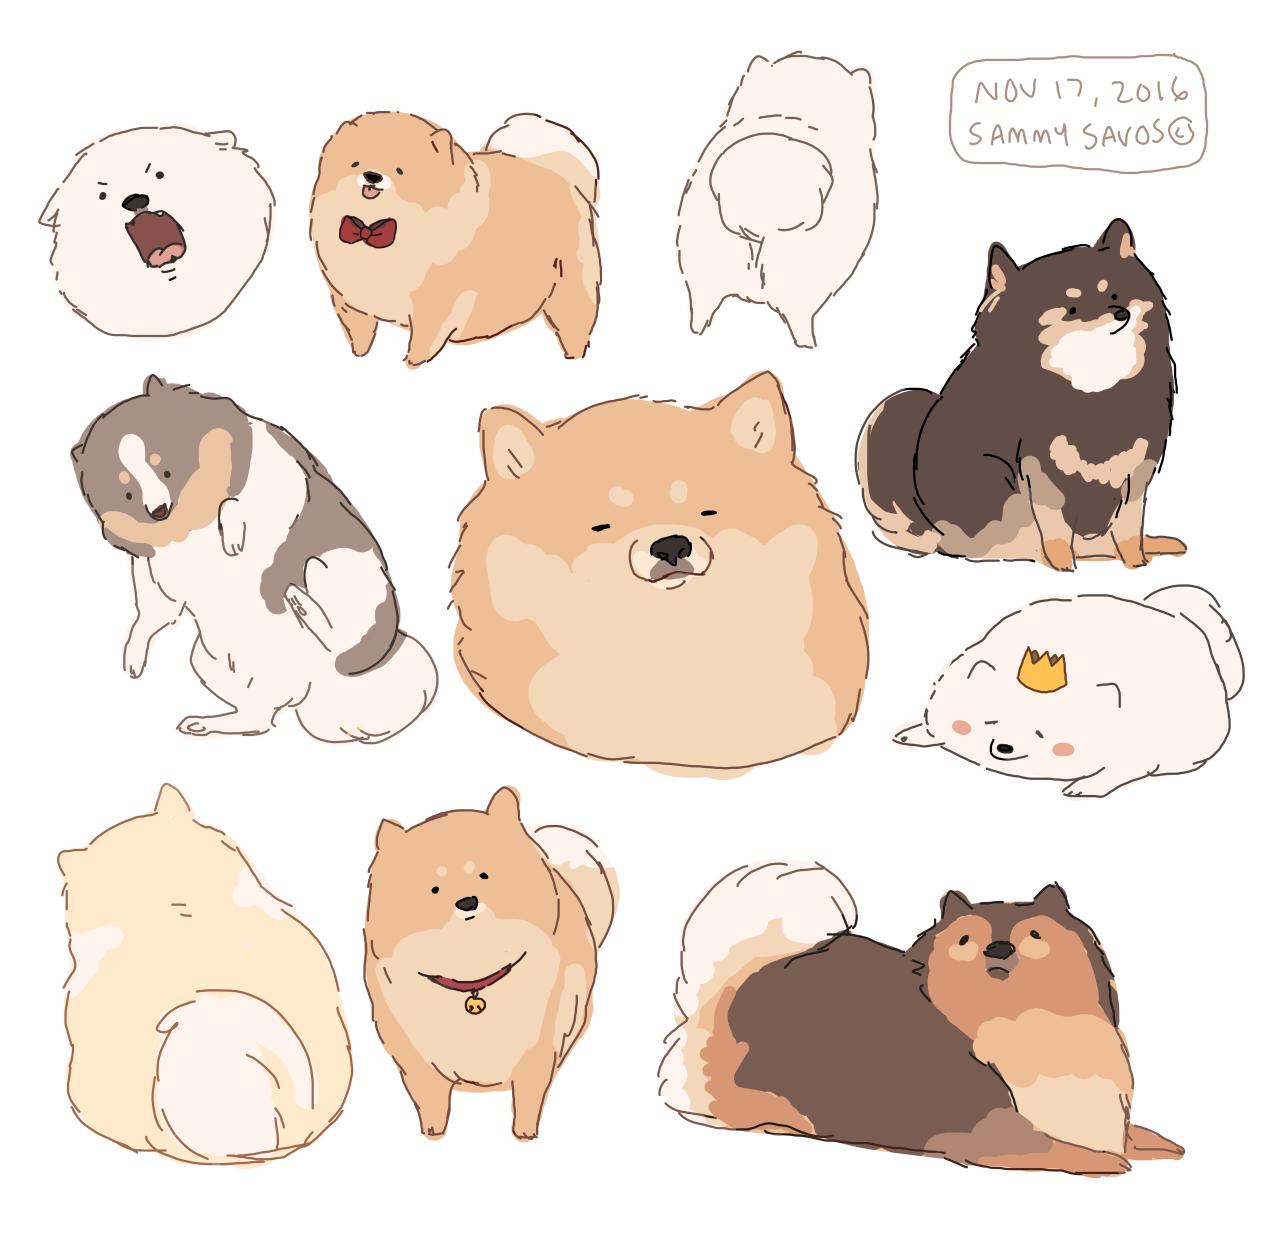 Hamotzi In 2020 Animal Drawings Cute Art Cute Animal Drawings